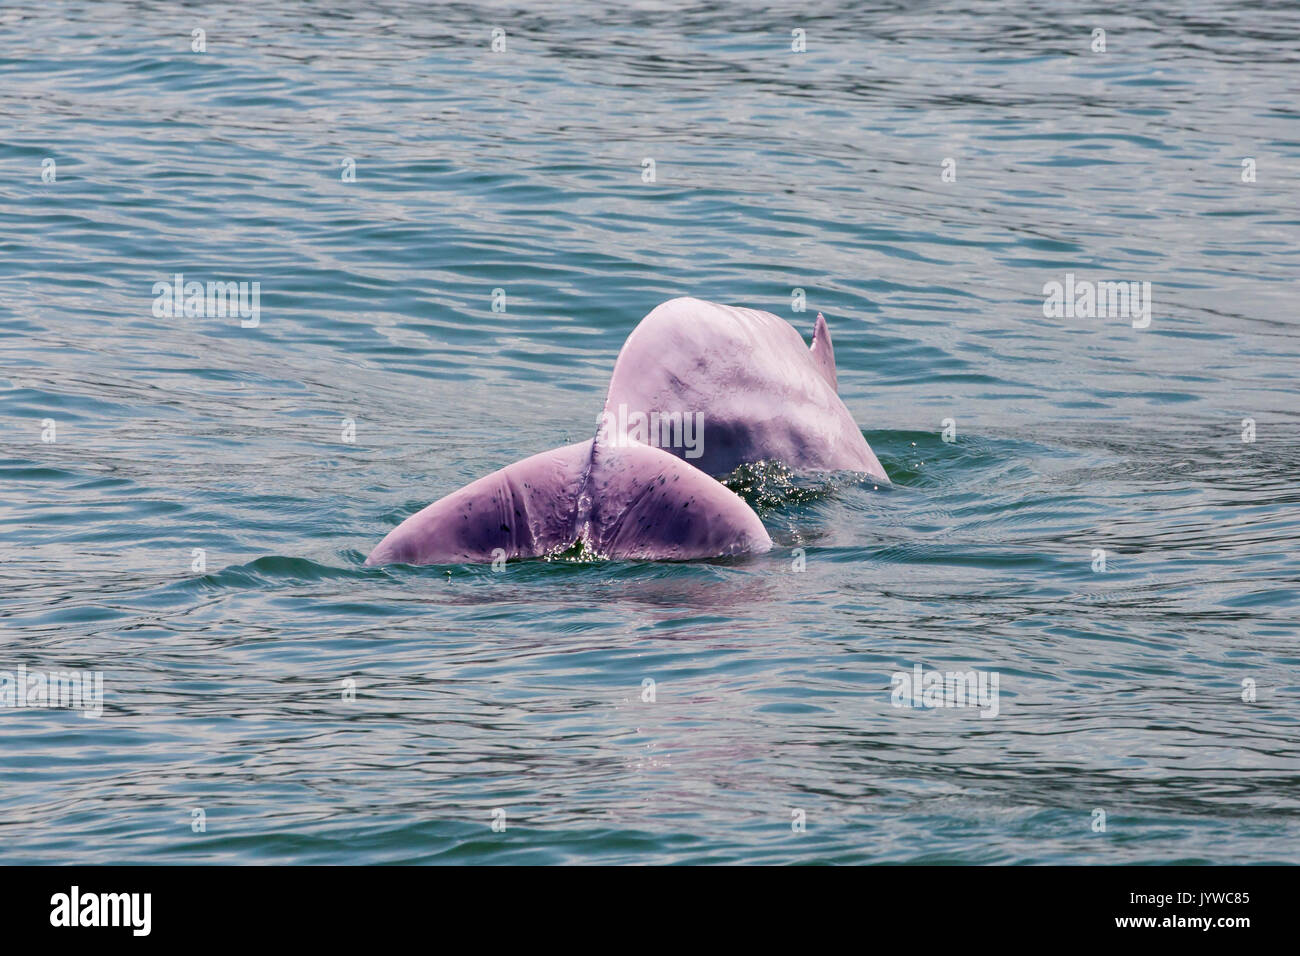 Indo-Pacífico delfín jorobado (Sousa chinensis) en Hong Kong fluking aguas. esta especies costeras está sometida a crecientes amenazas de los seres humanos. Imagen De Stock